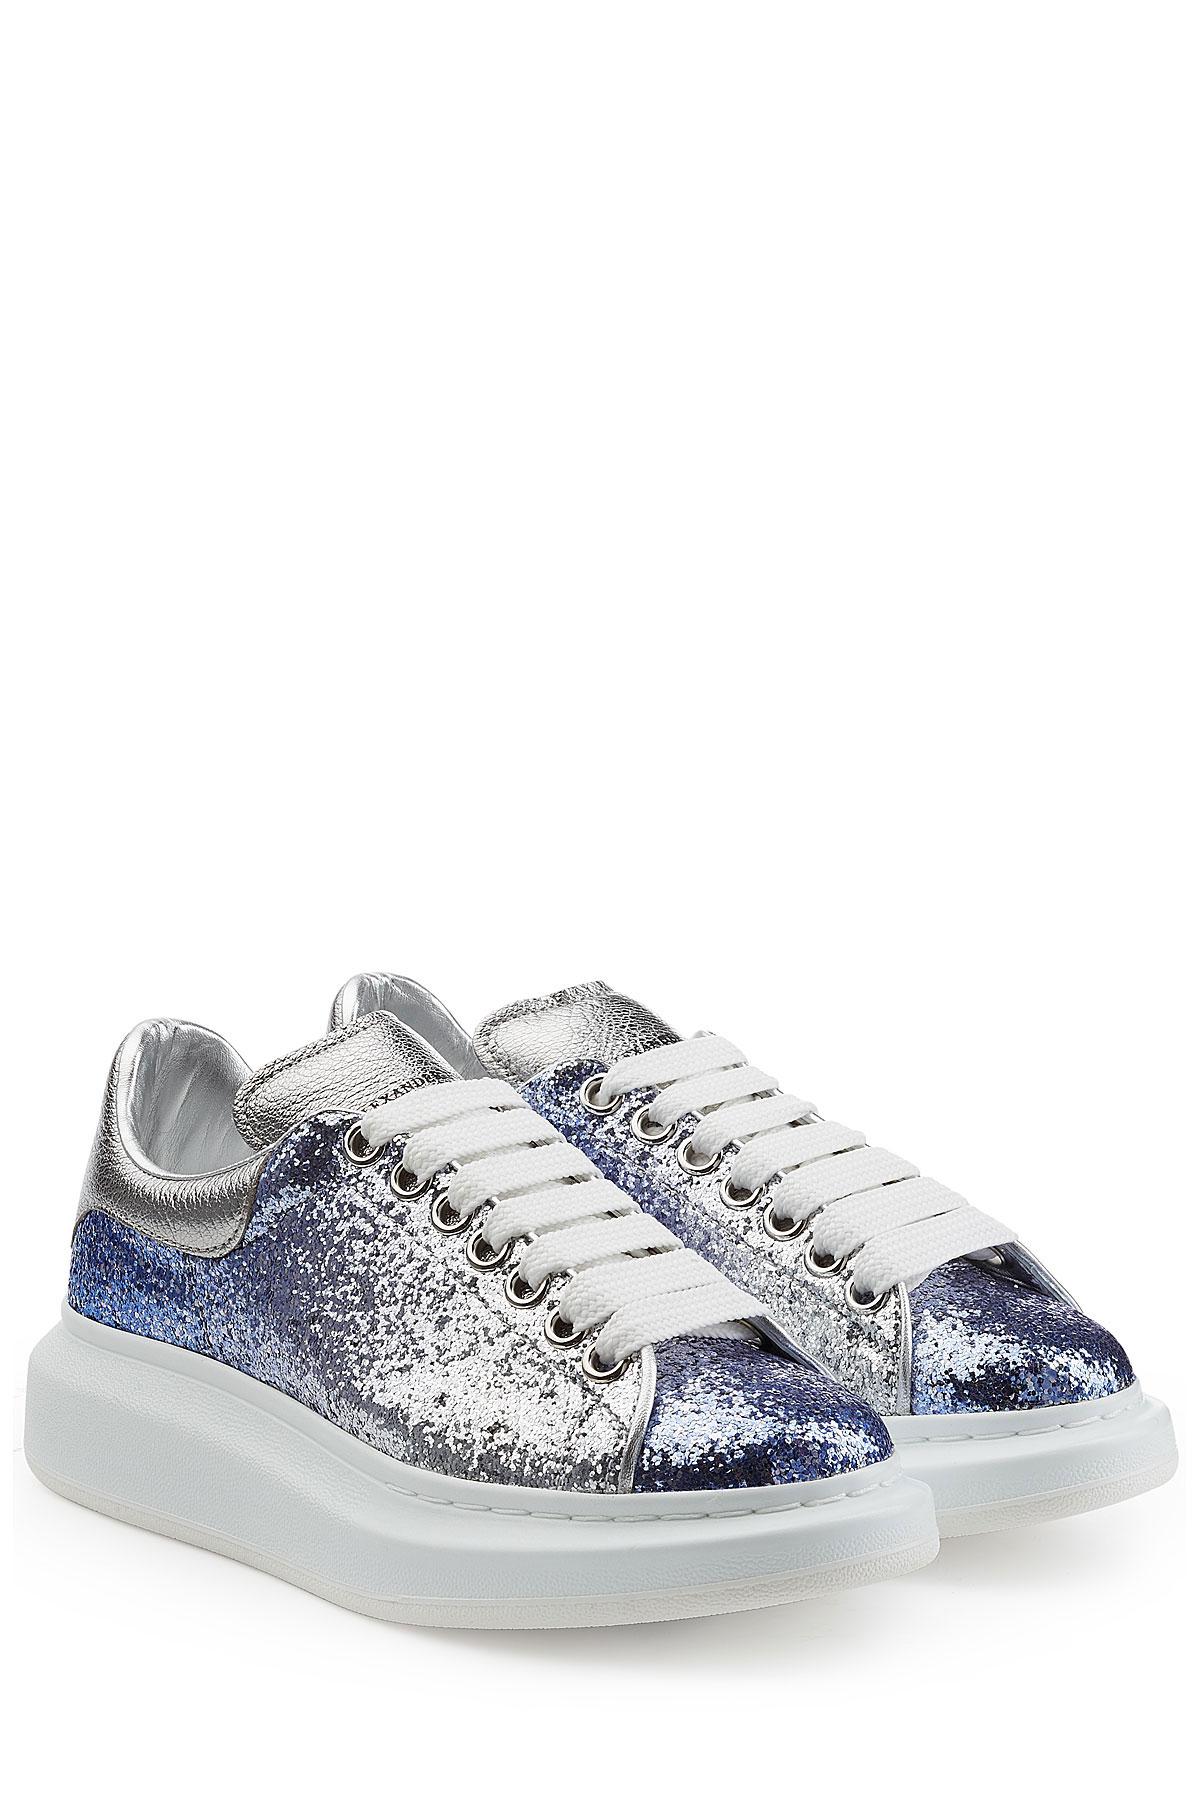 Glitter platform sneakers Alexander McQueen 3c75gse3C